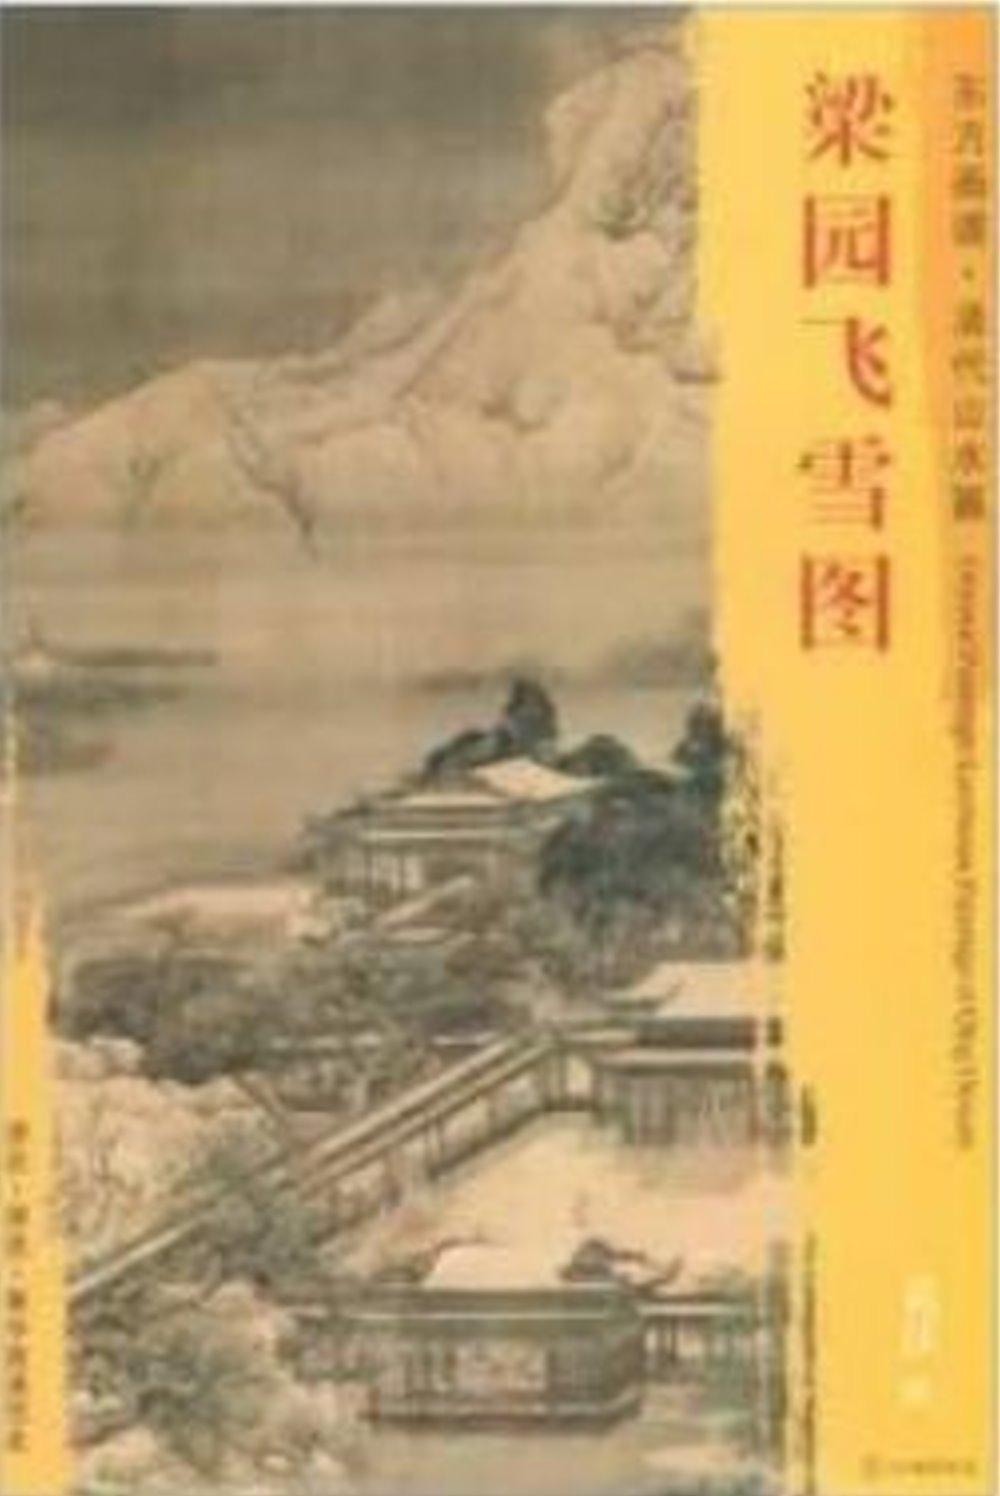 東方畫譜·清代山水篇·梁園飛雪圖